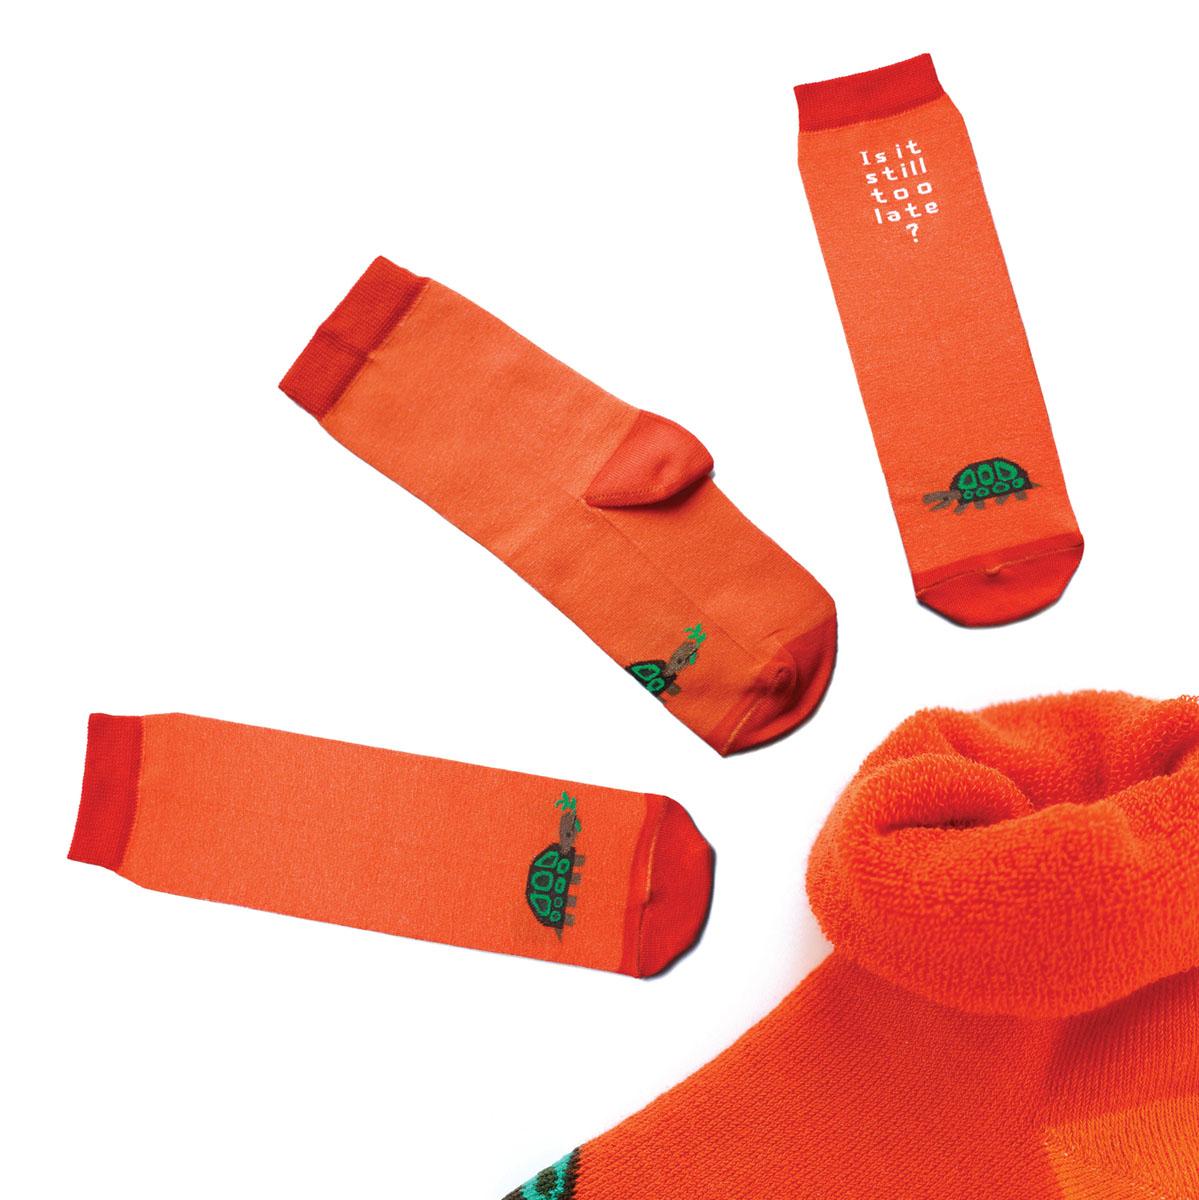 Носки мужские Big Bang Socks, махровые, цвет: оранжевый. ca1533. Размер 40/44ca1533_махровыеТеплые мужские махровые носки Big Bang Socks изготовлены из высококачественного хлопка с добавлением полиамидных и эластановых волокон, которые обеспечивают великолепную посадку. Носки отличаются ярким стильным дизайном, они оформлены изображением черепахи и надписью: Is it still to late?. Удобная широкая резинка идеально облегает ногу и не пережимает сосуды, усиленные пятка и мысок повышают износоустойчивость носка, а удлиненный паголенок придает более эстетичный вид. Дизайнерские носки Big Bang Socks - яркая деталь в вашем образе и оригинальный подарок для друзей и близких.